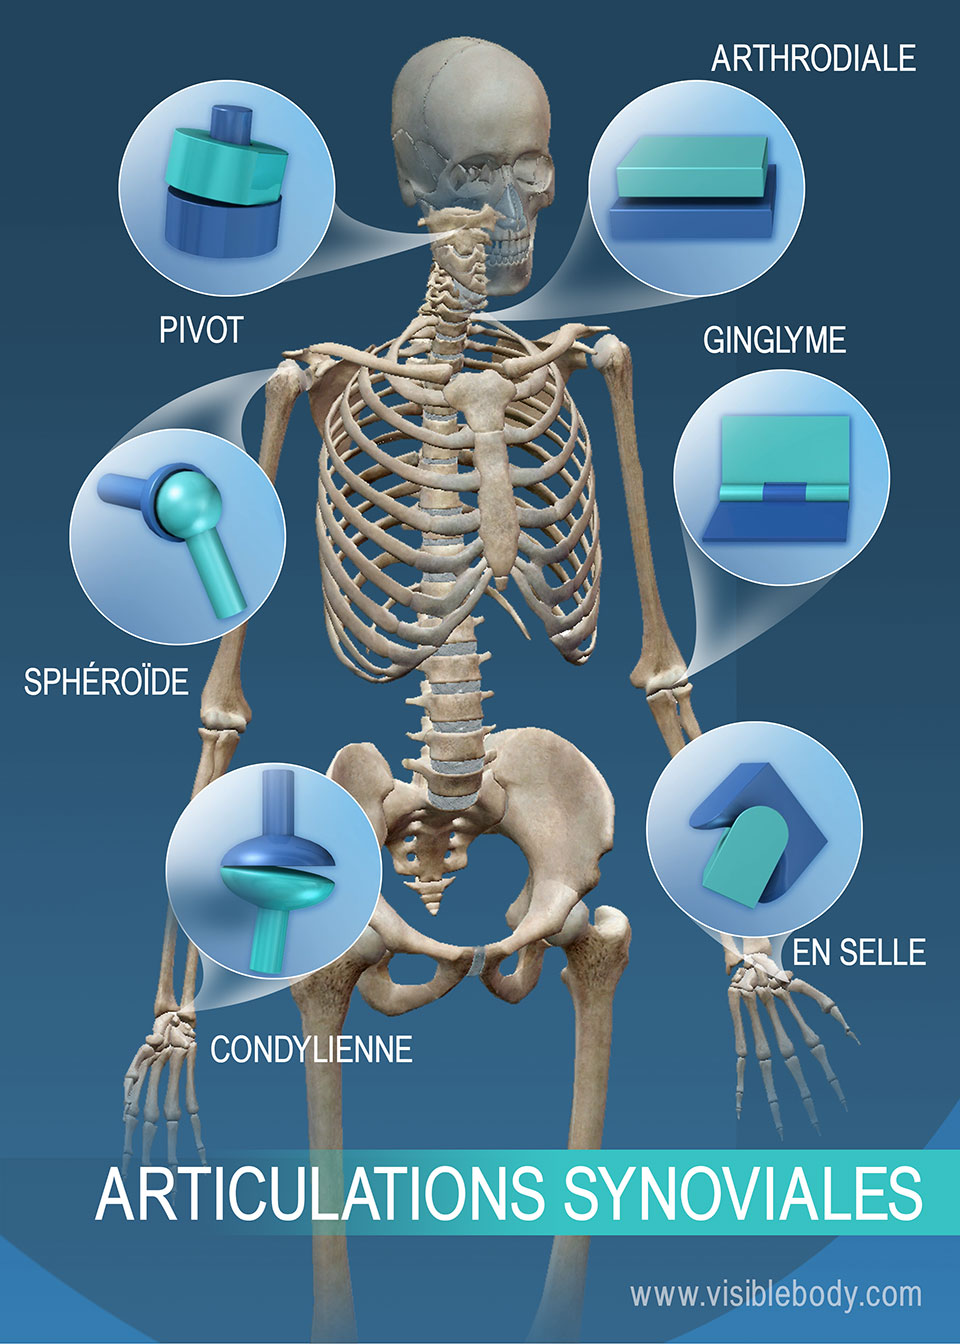 Amplitude de mouvement des articulations synoviales : articulation de type pivot, articulation sphéroïde, articulation condylienne, articulation en selle, articulation de type ginglyme et articulation arthrodiale